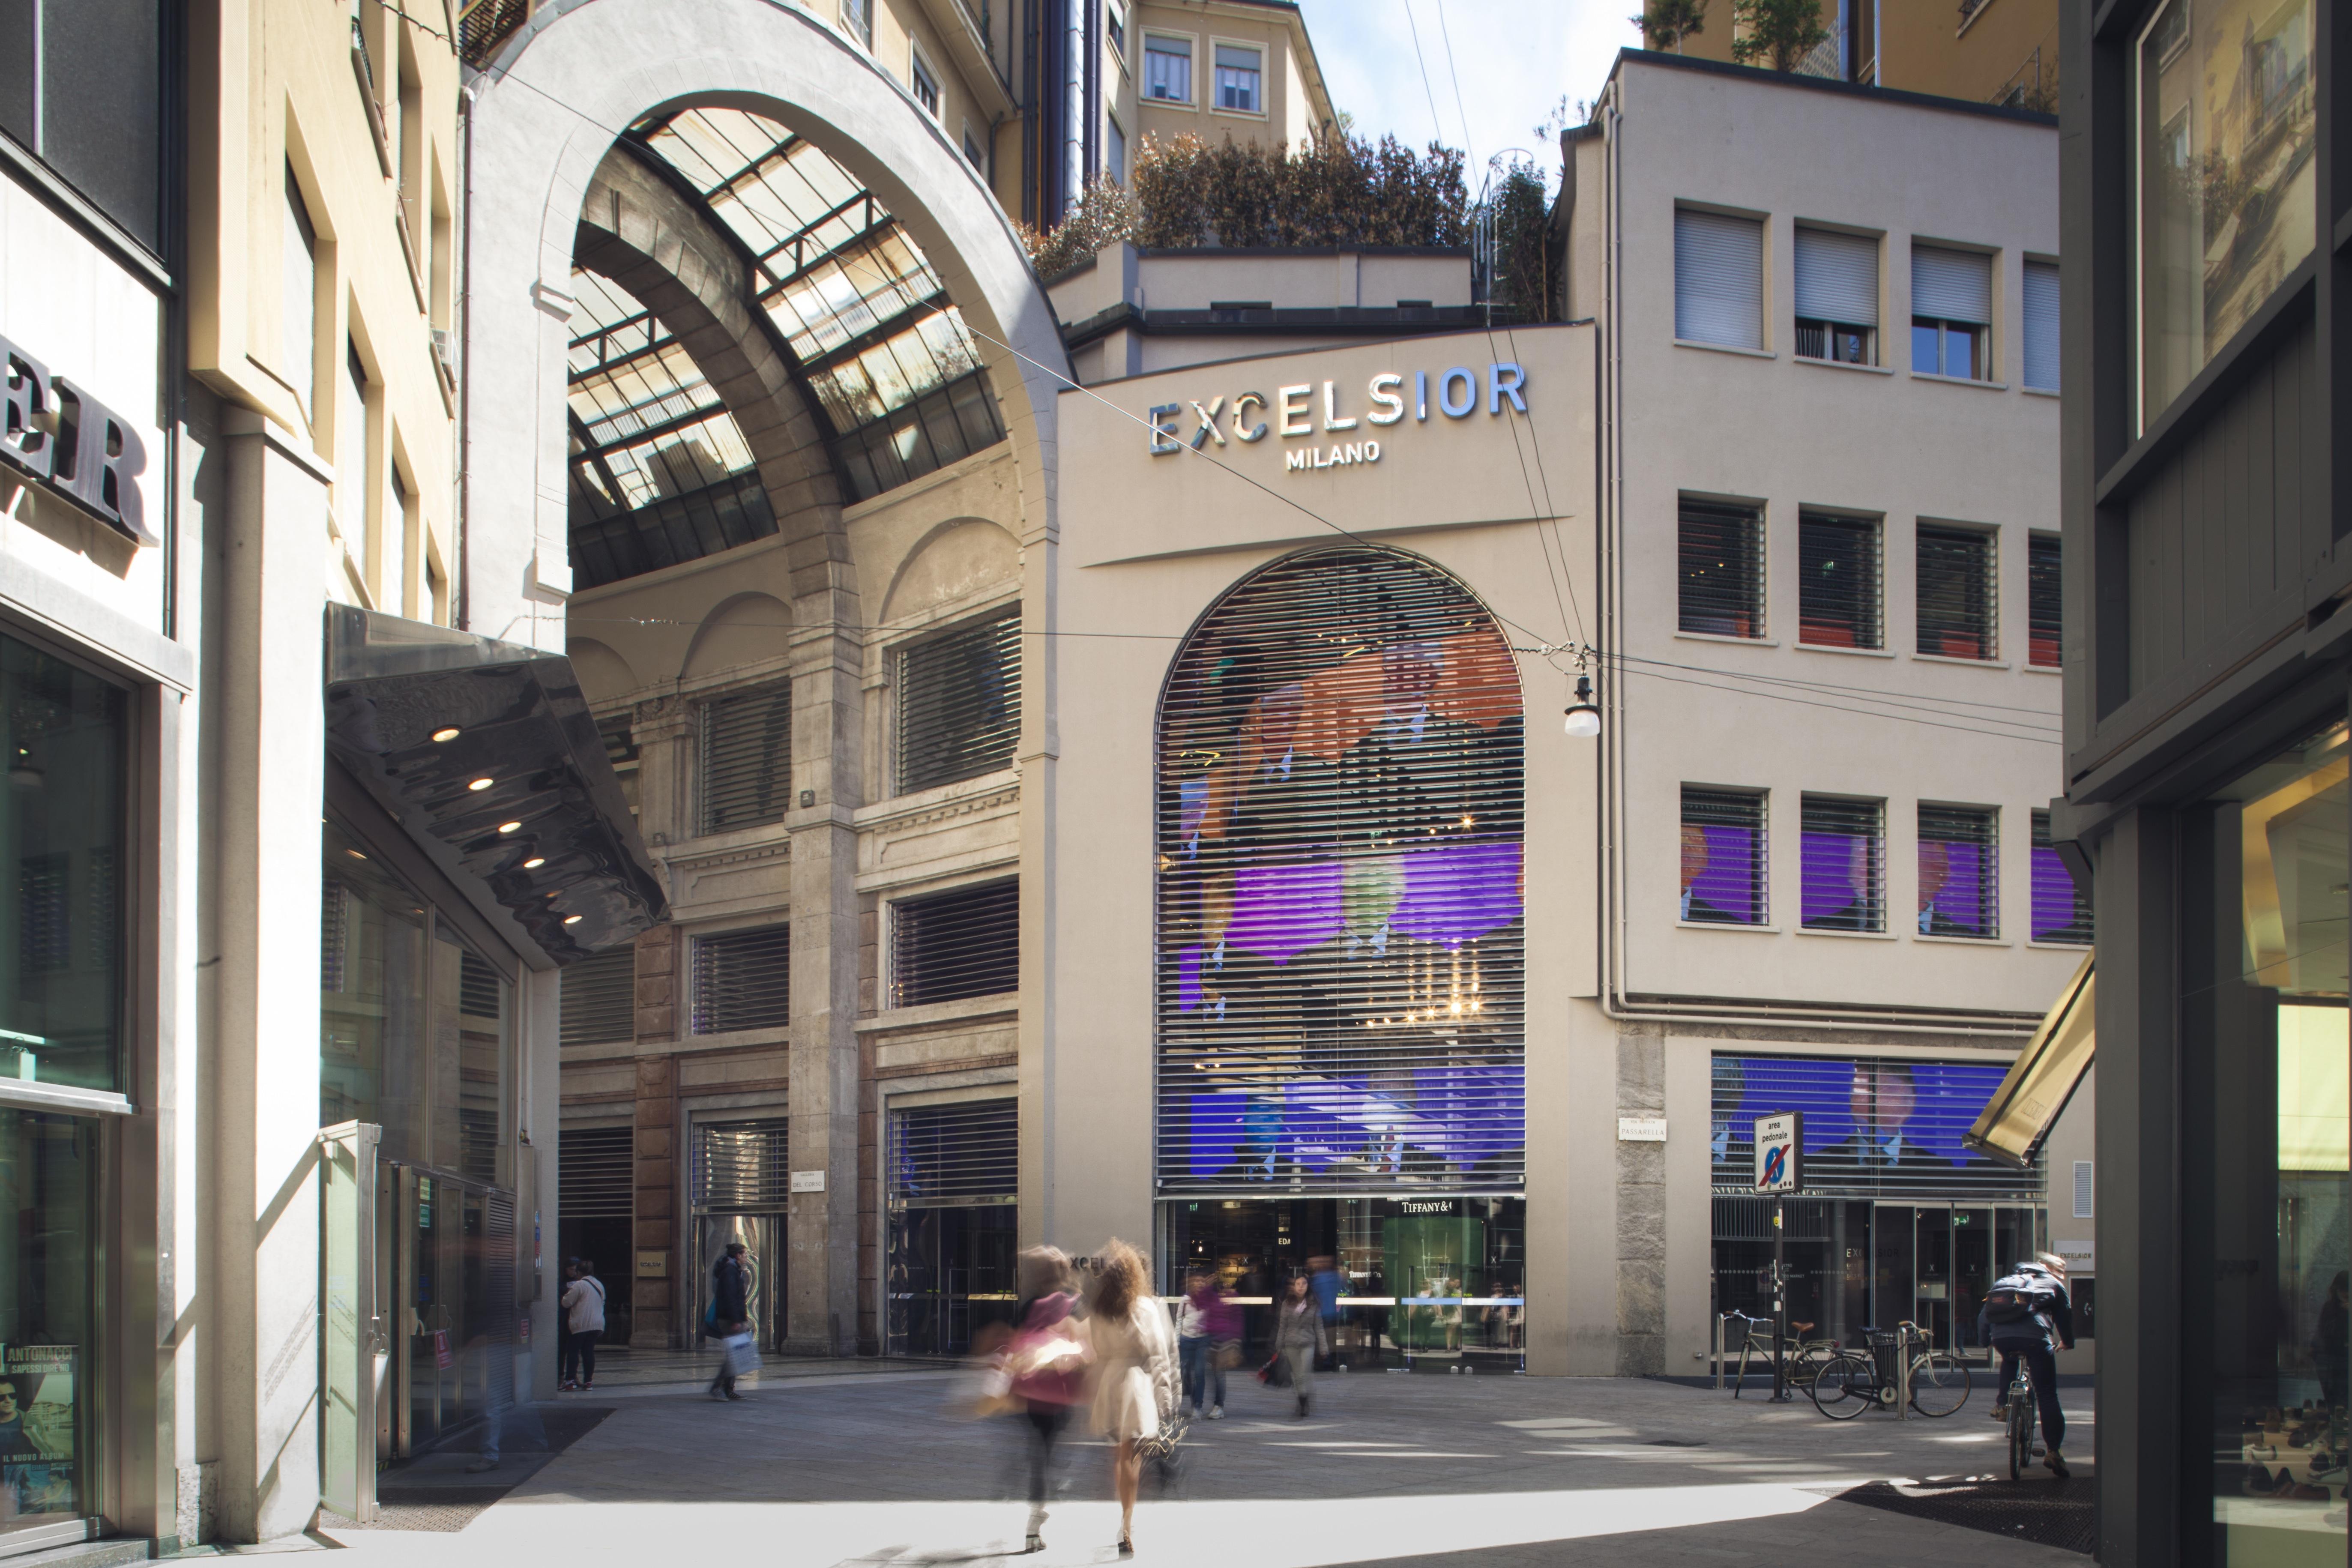 Excelsior Milano UE_5936